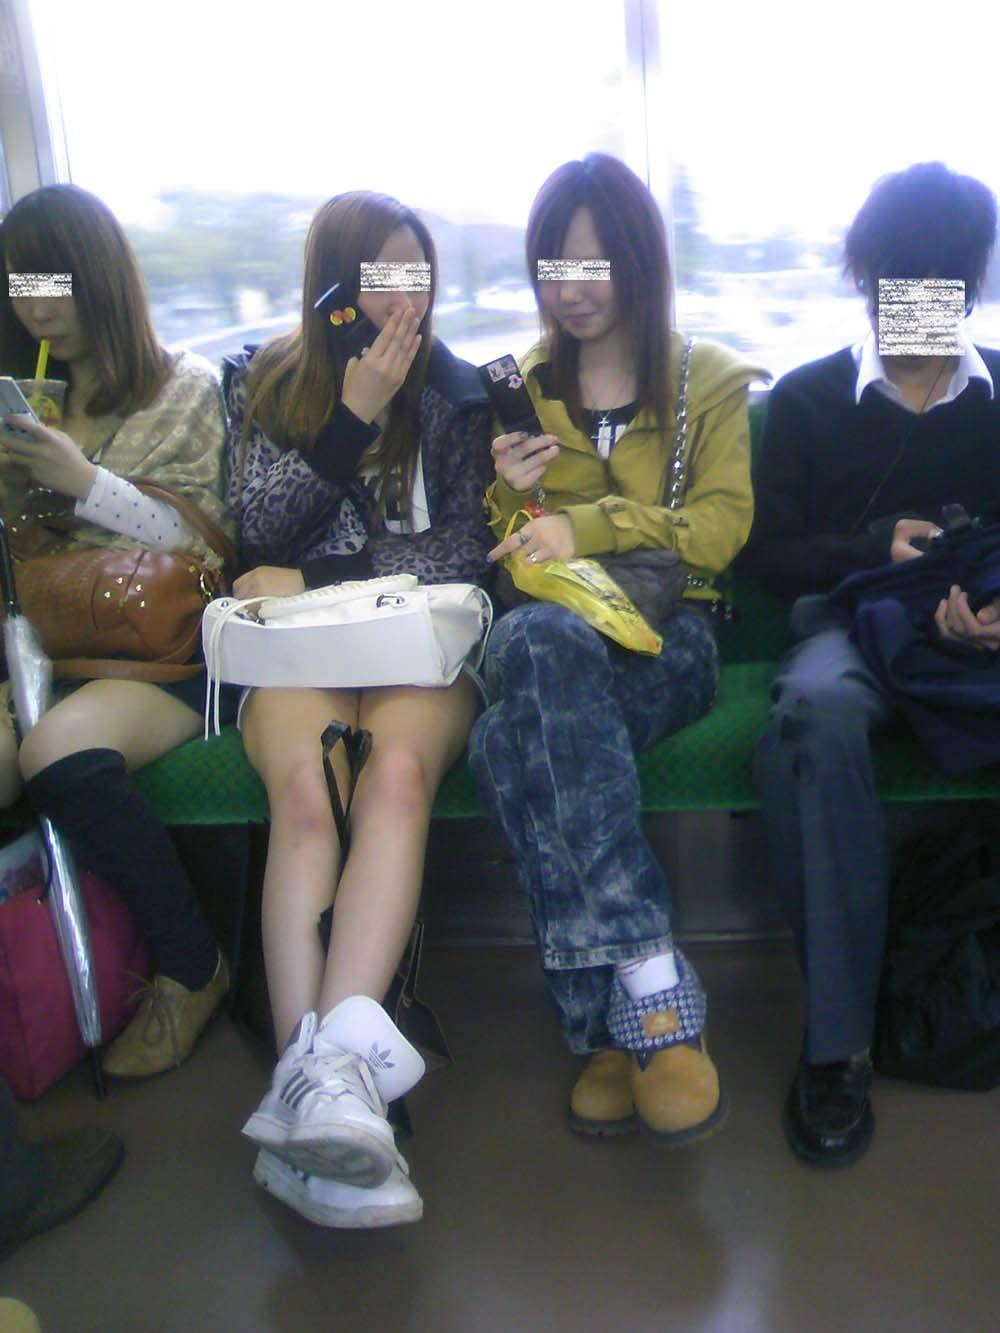 【パンチラエロ画像】何度も乗れば見られる日もある電車のパンチラwww 04